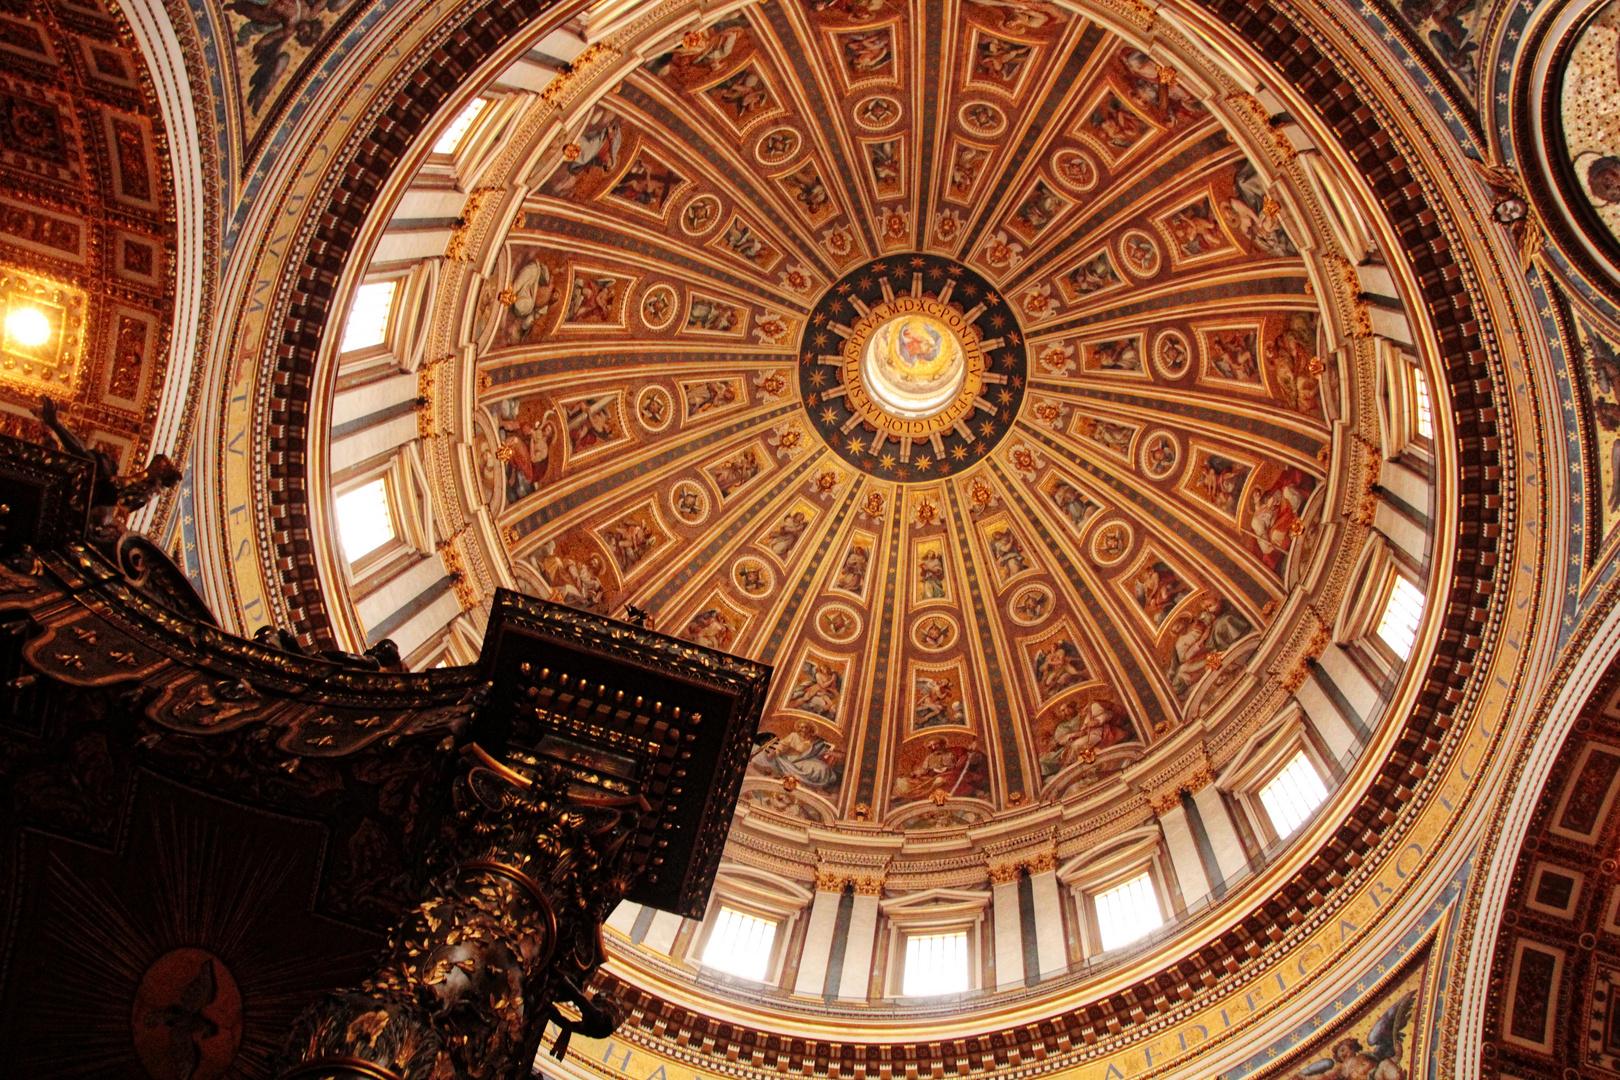 Die Kuppel vom Petersdom aus menschlicher Perspektive